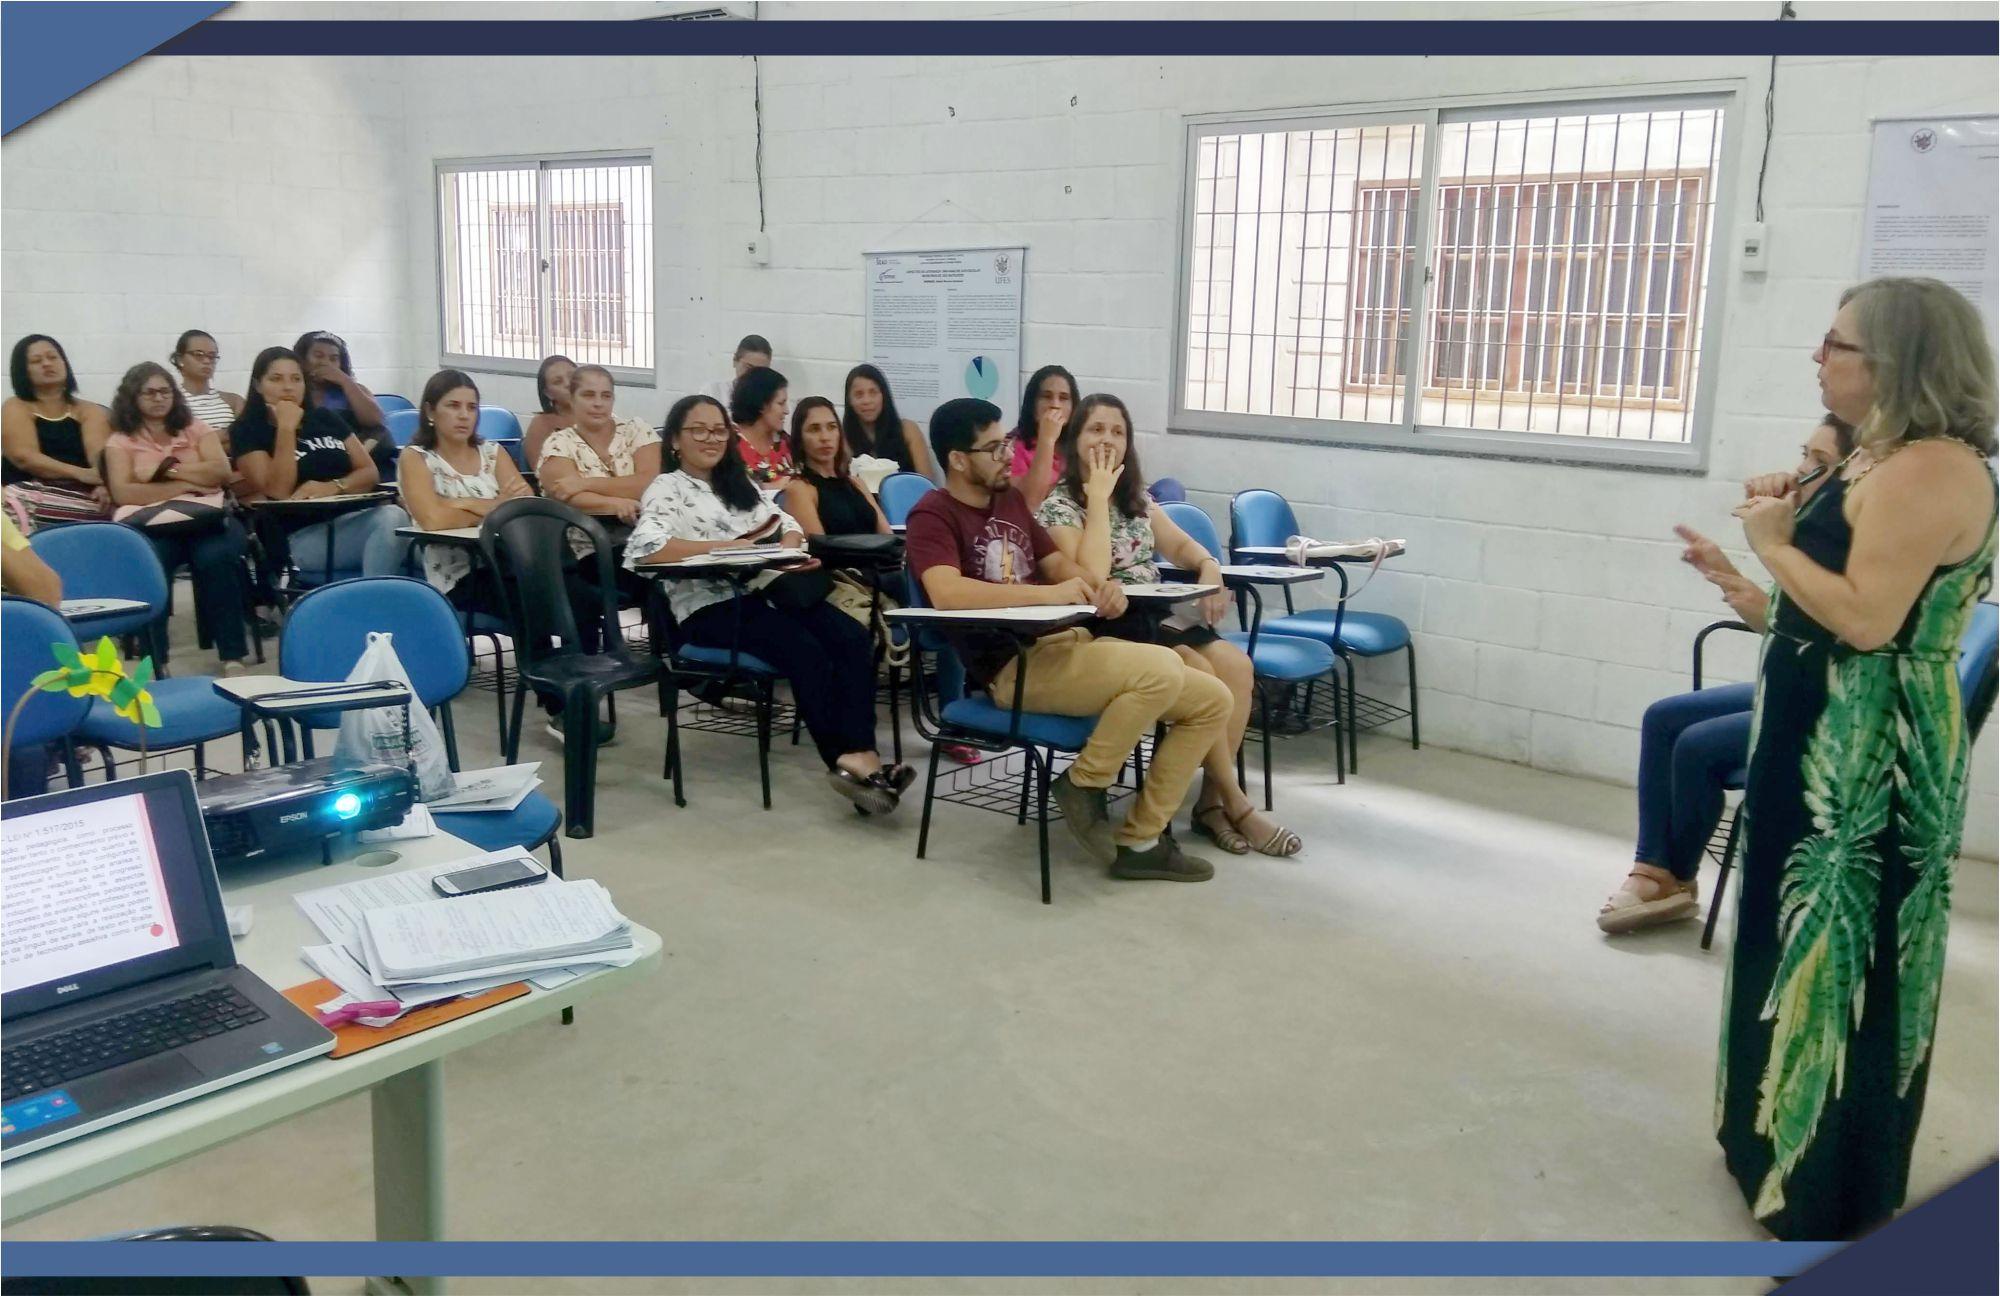 PREFEITURA REALIZA REUNIÃO COM PROFISSIONAIS DA EDUCAÇÃO ESPECIAL